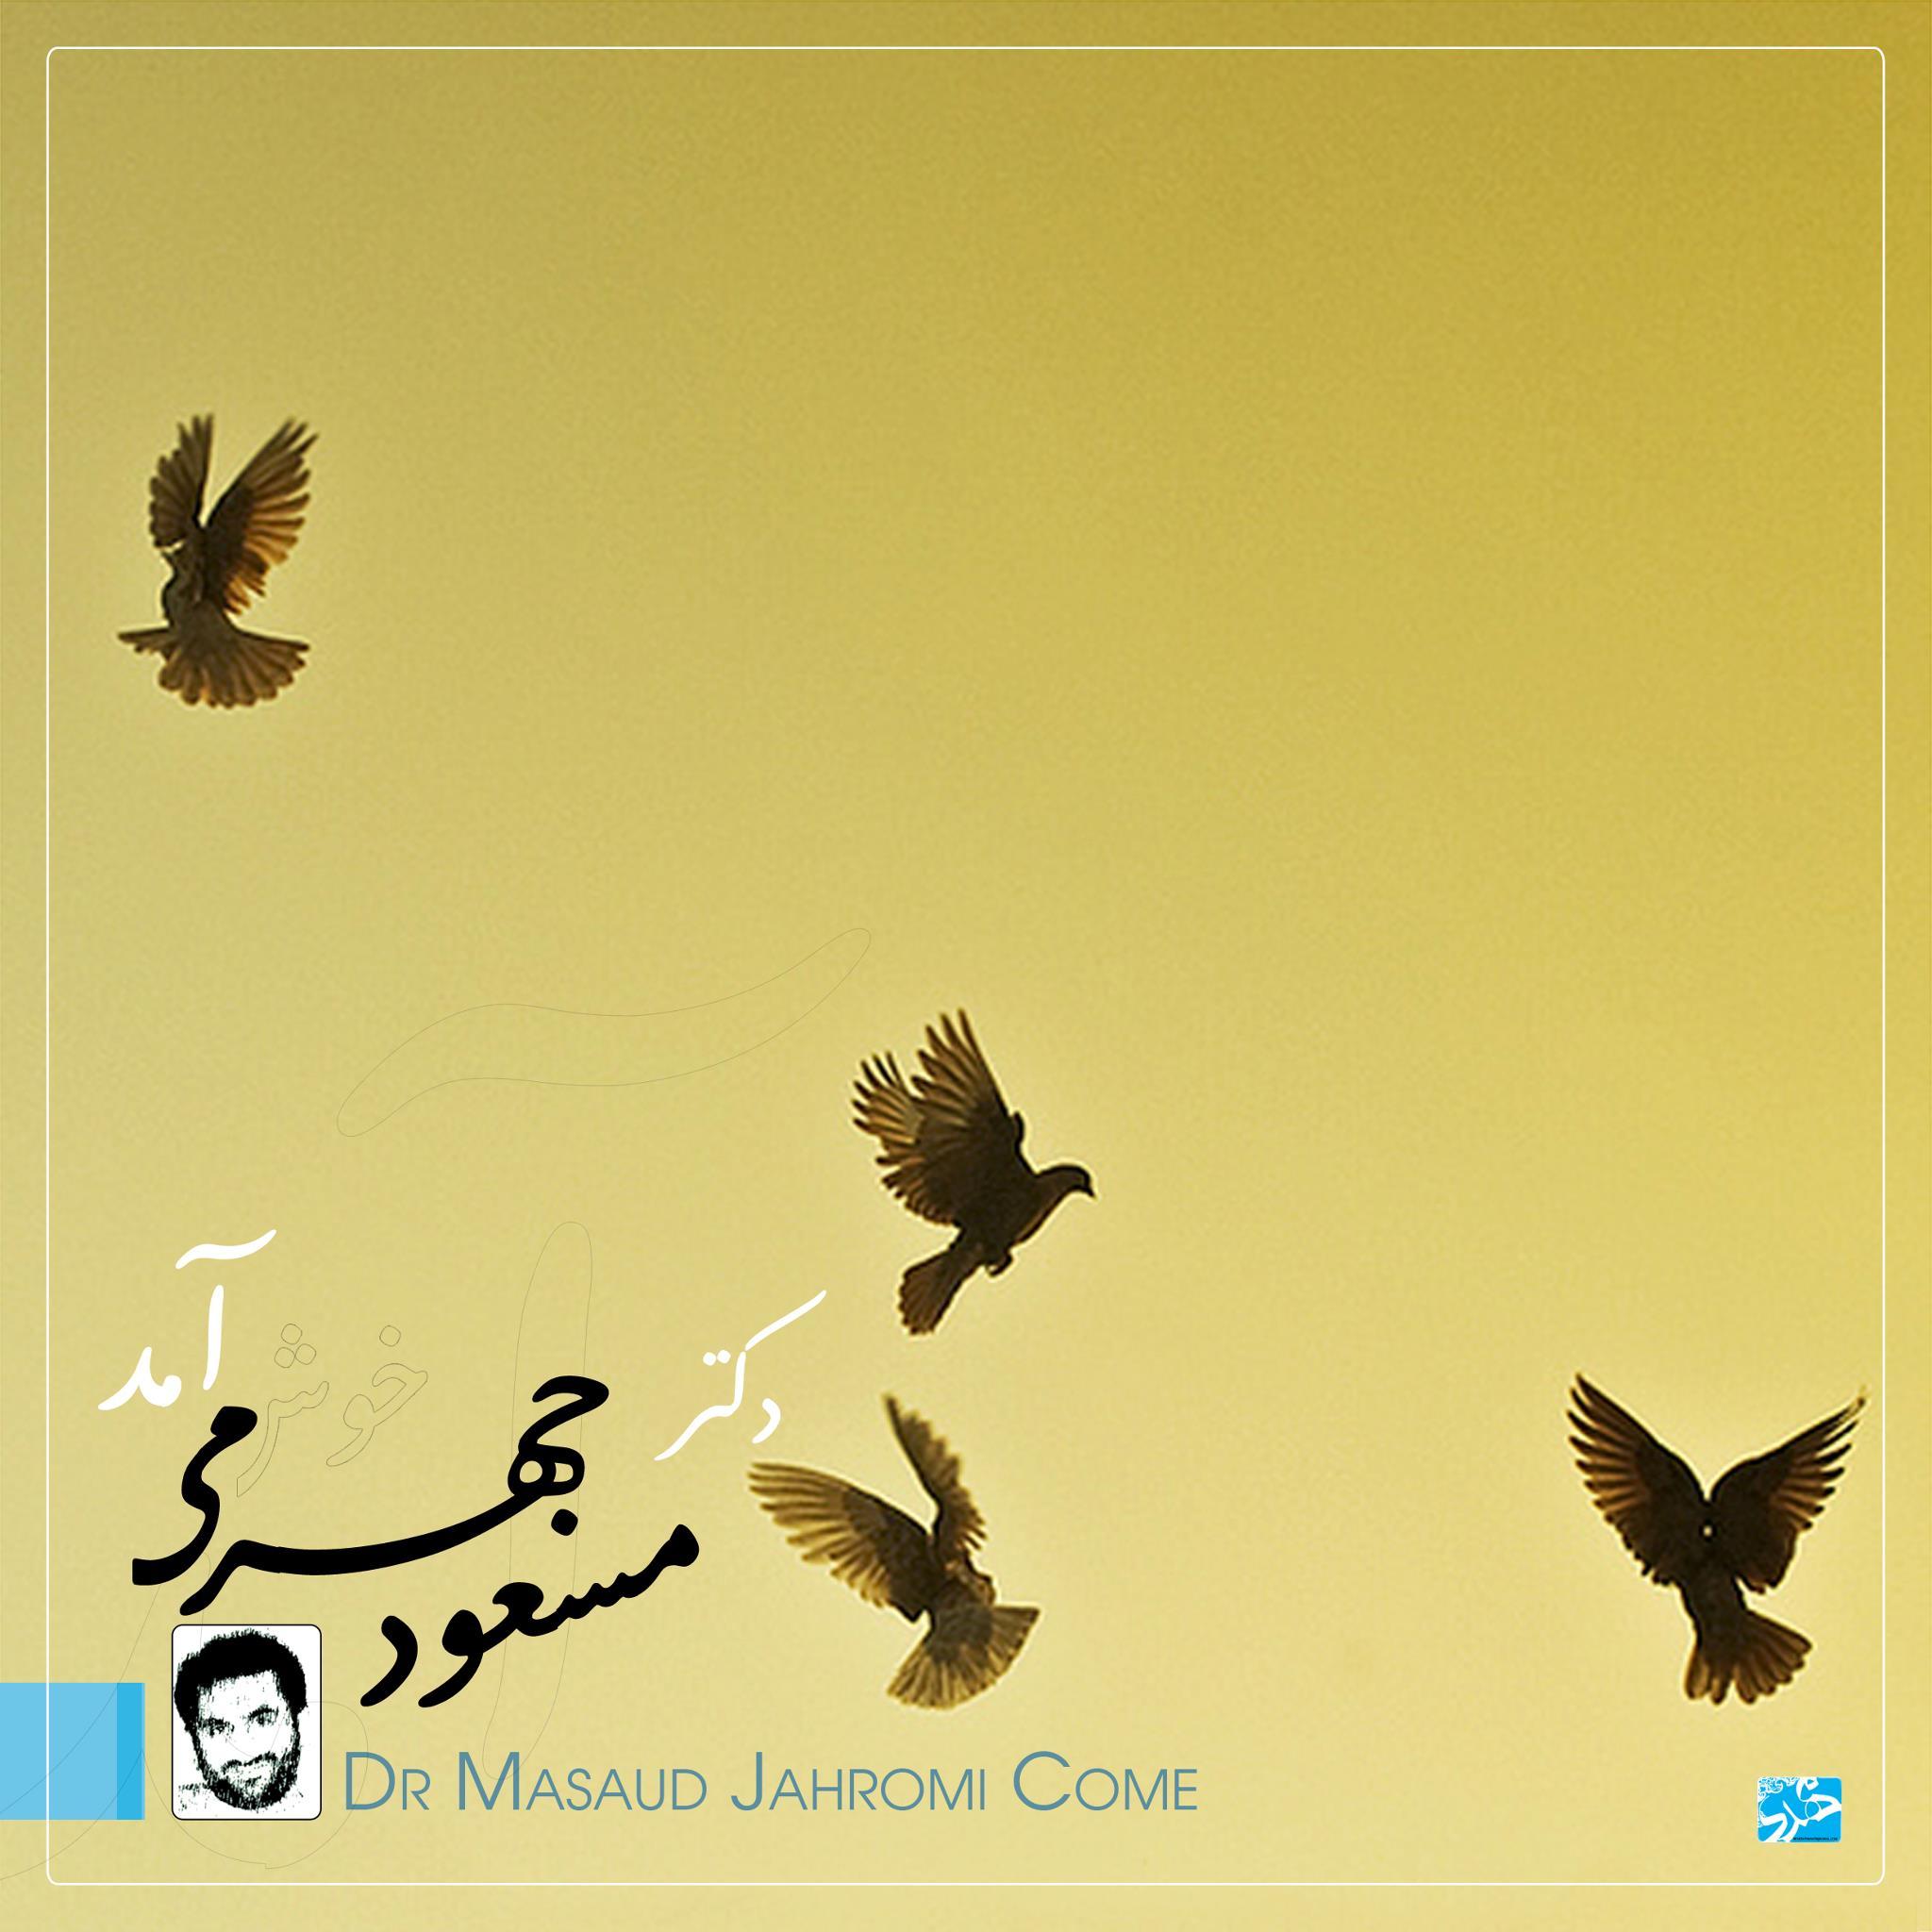 به کوری چشم دشمنان تشیع : مسعود جهرمی آمد